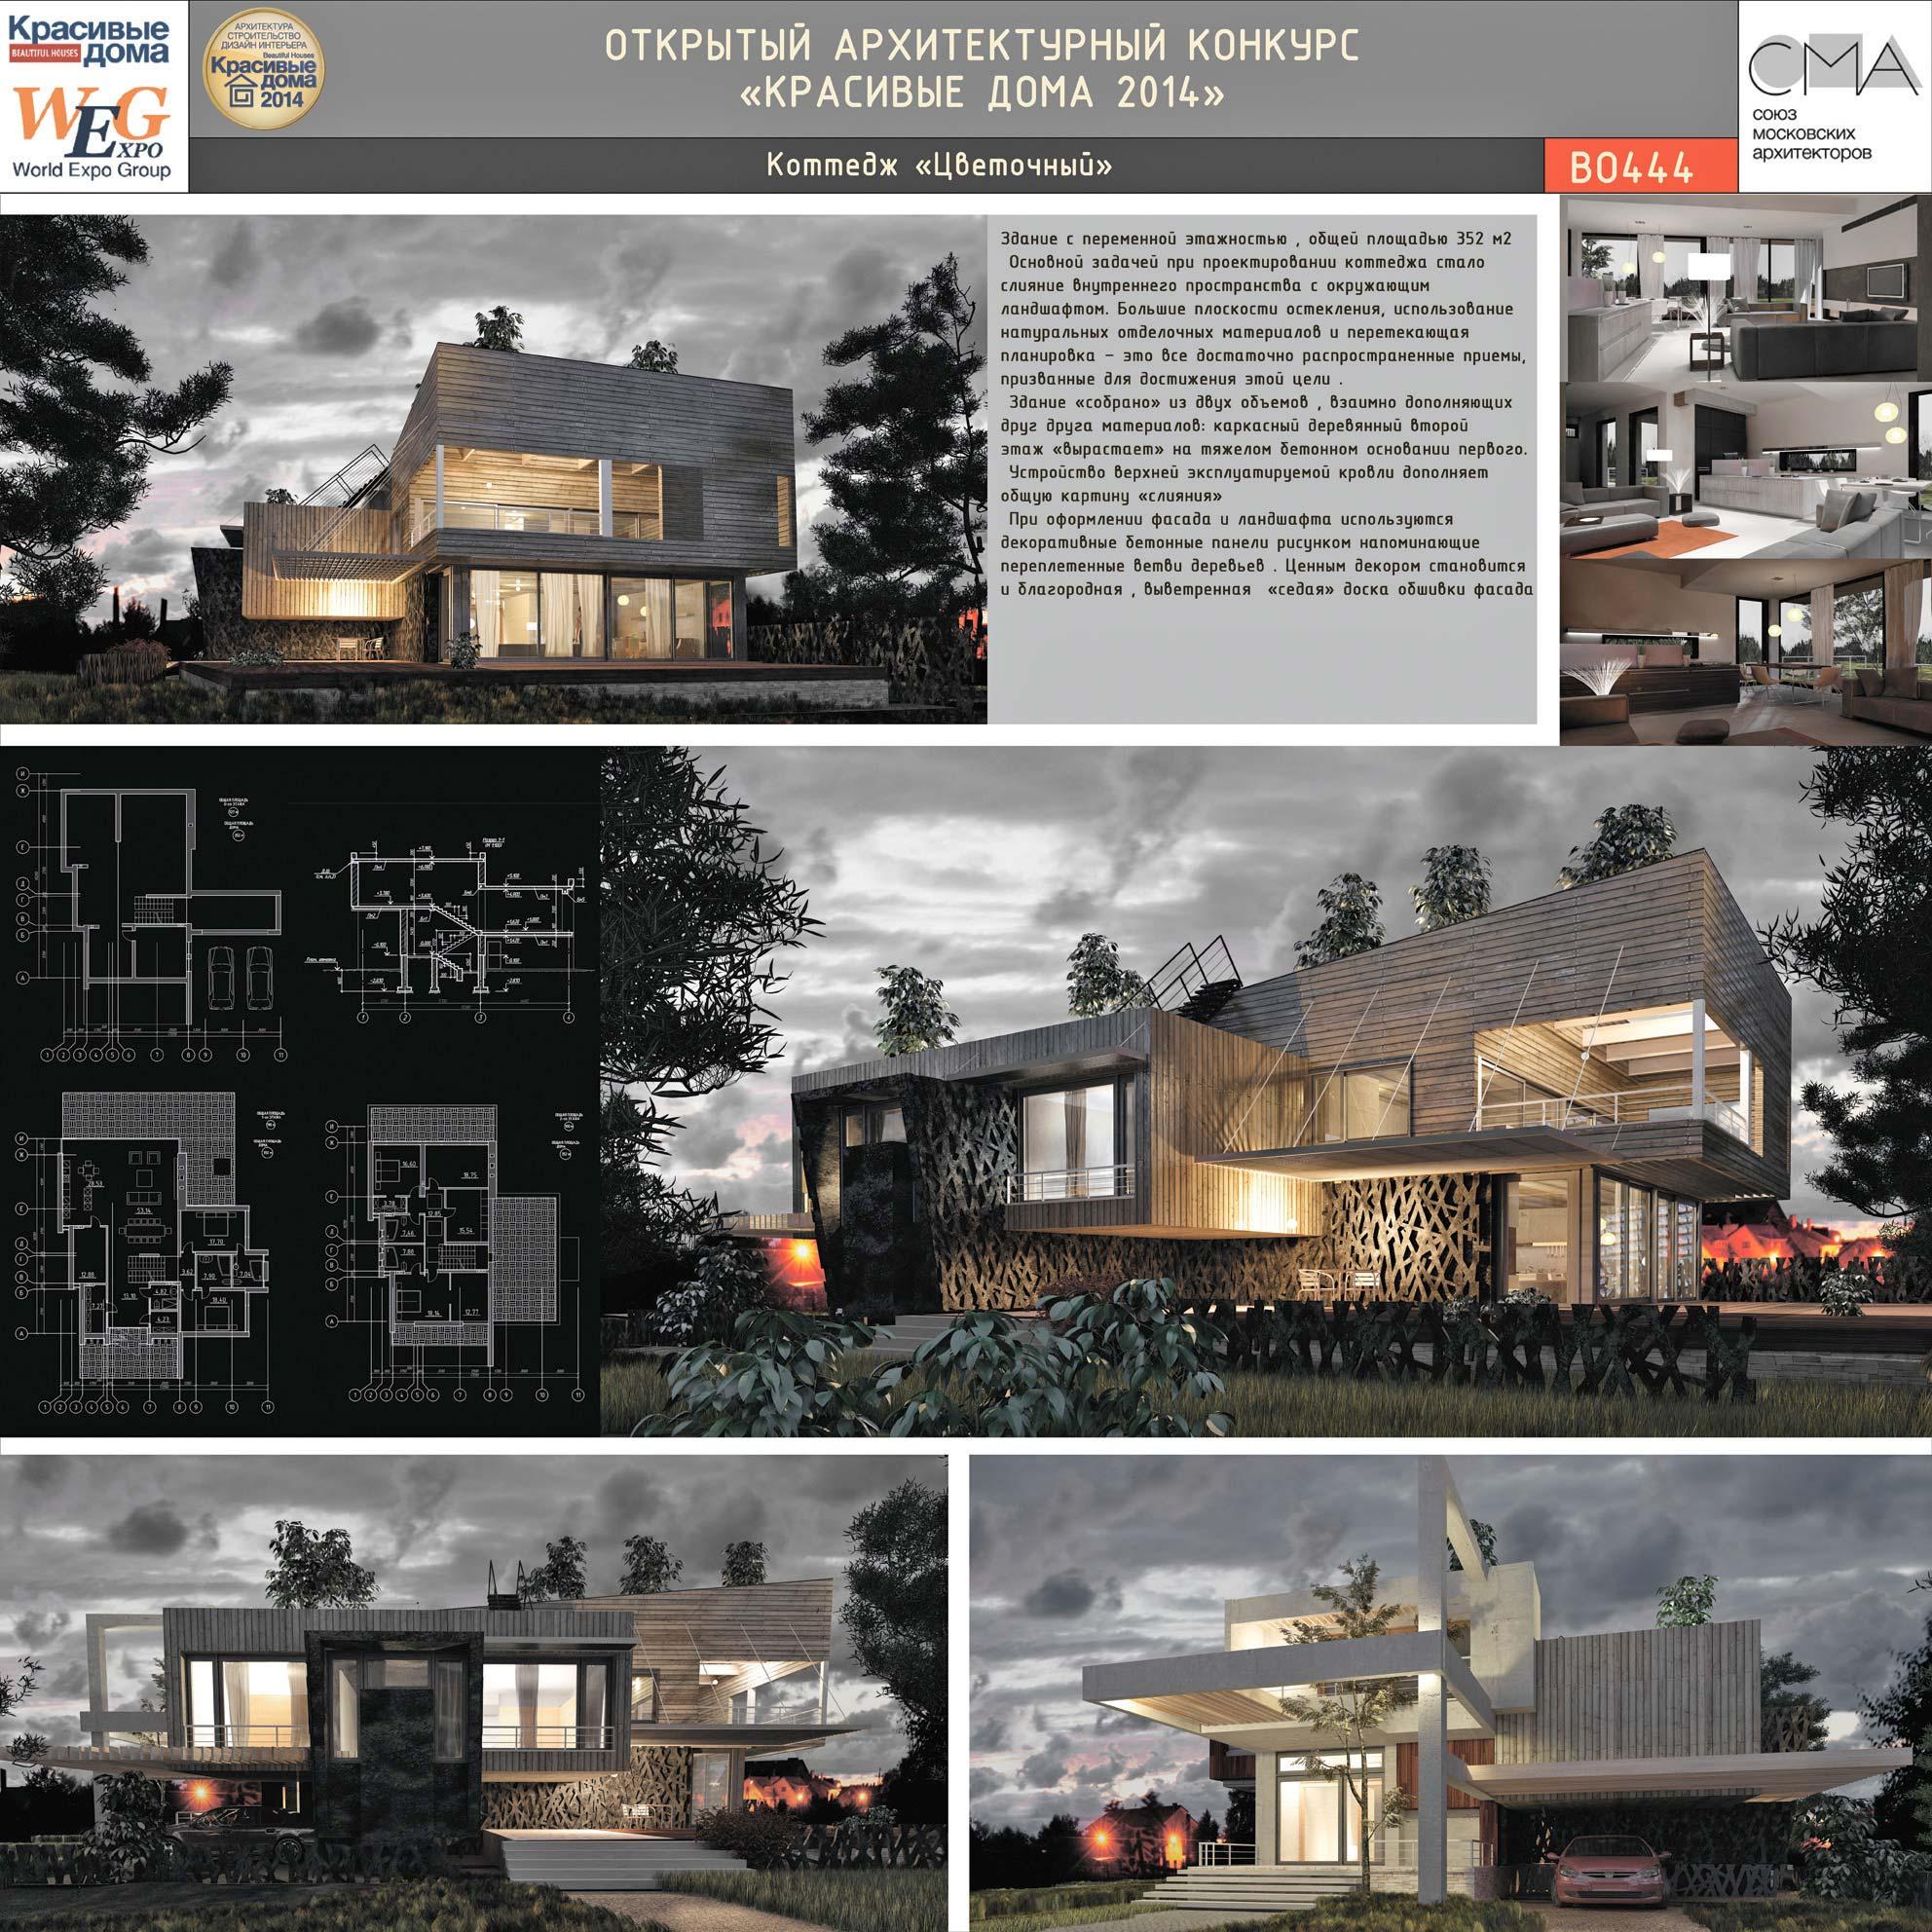 Конкурс архитектурных проектов домов